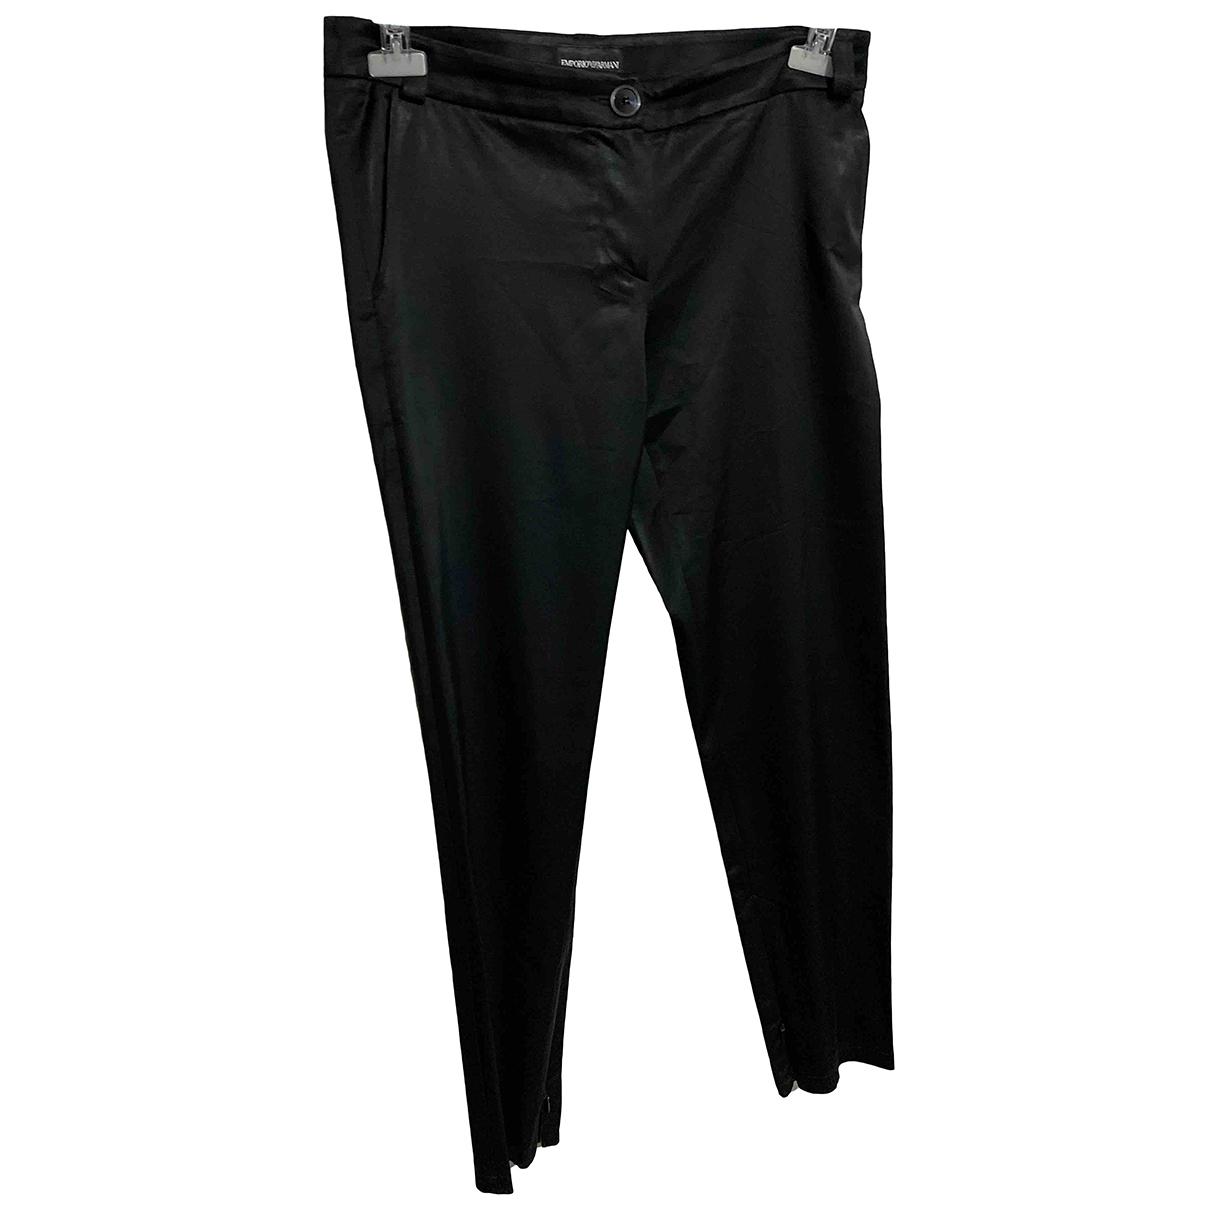 Pantalon en Viscosa Negro Emporio Armani